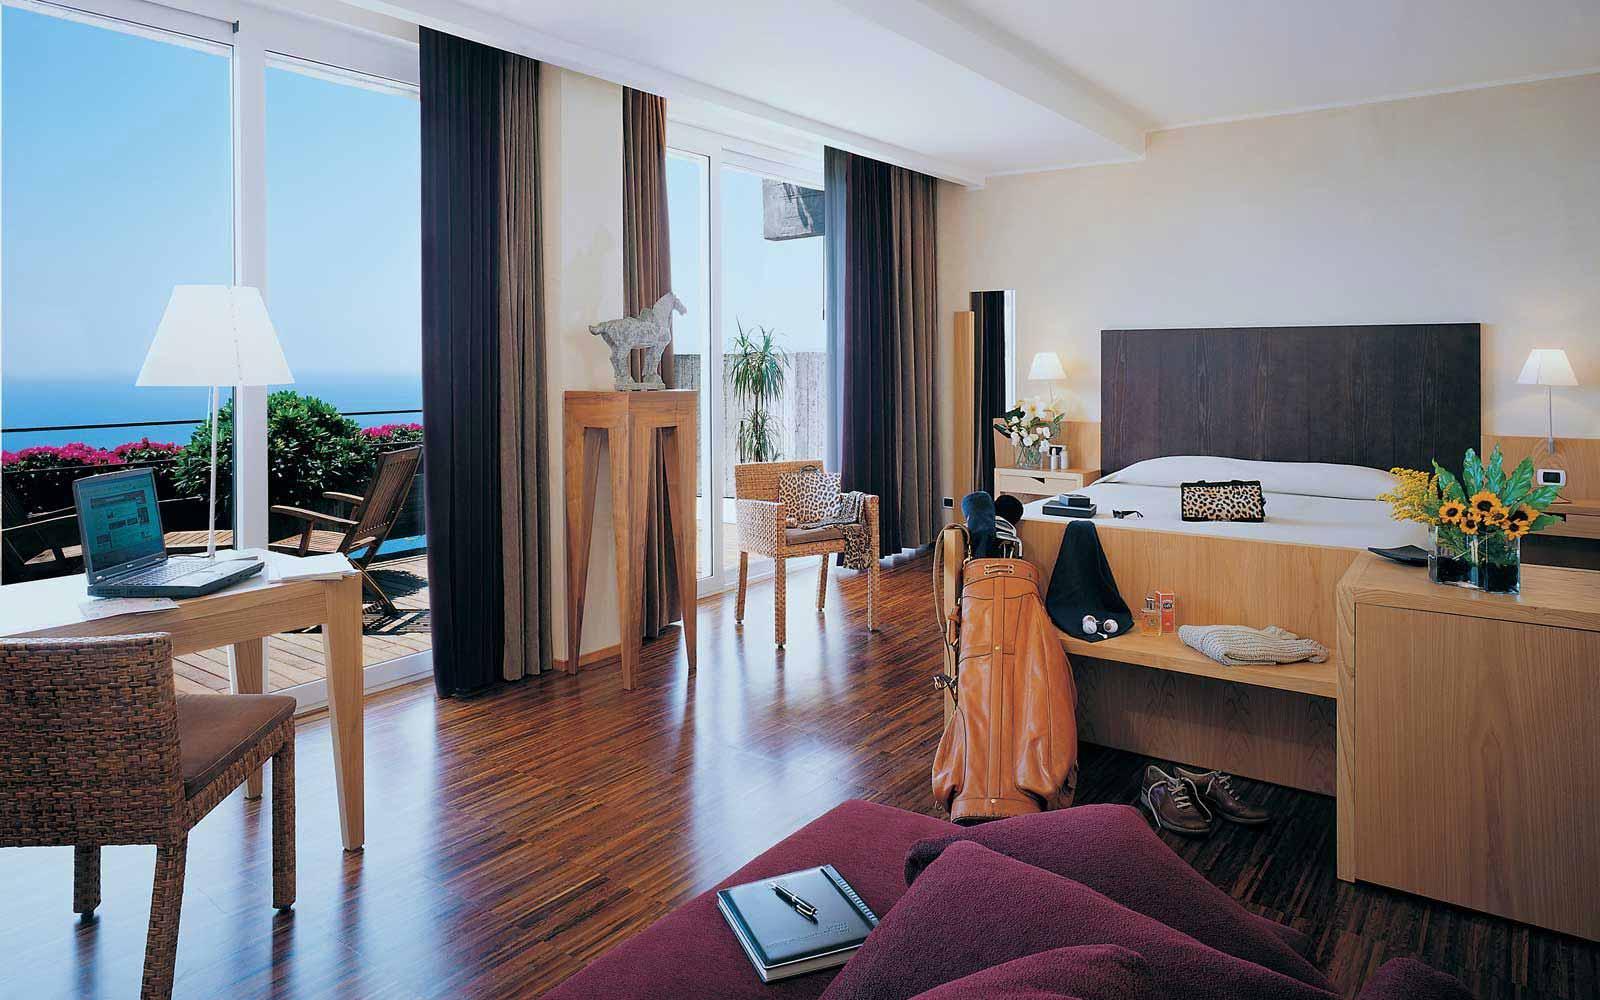 Junior suite at Hotel Monte Tauro